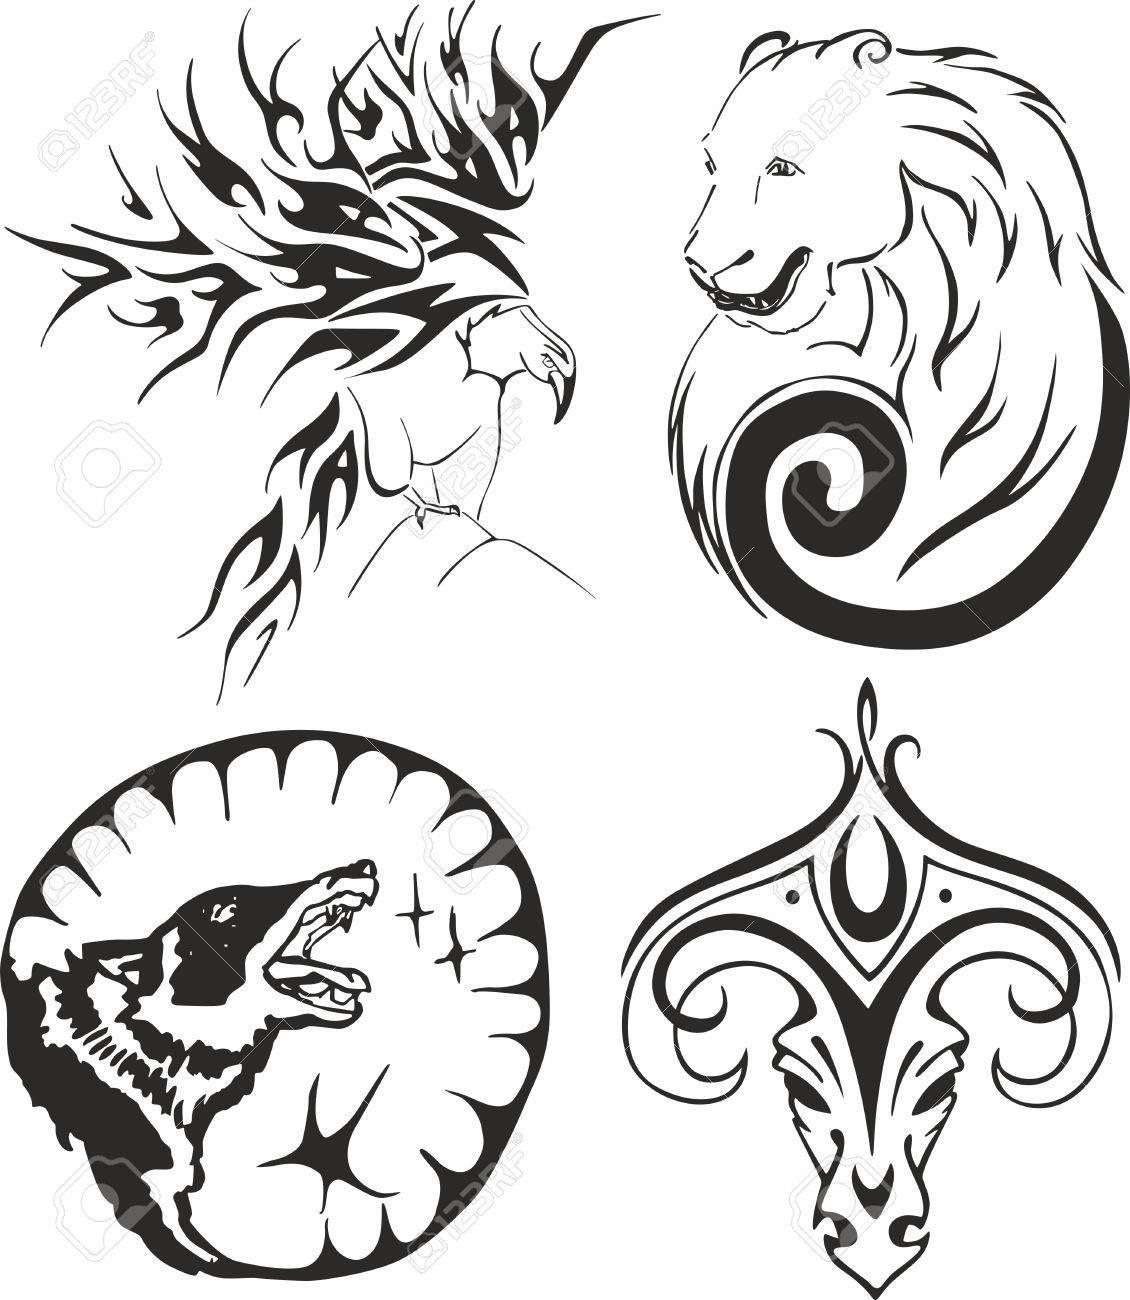 Tatouage Tribal Noir Et Blanc Avec Un Aigle Un Ours Un Loup Et Un